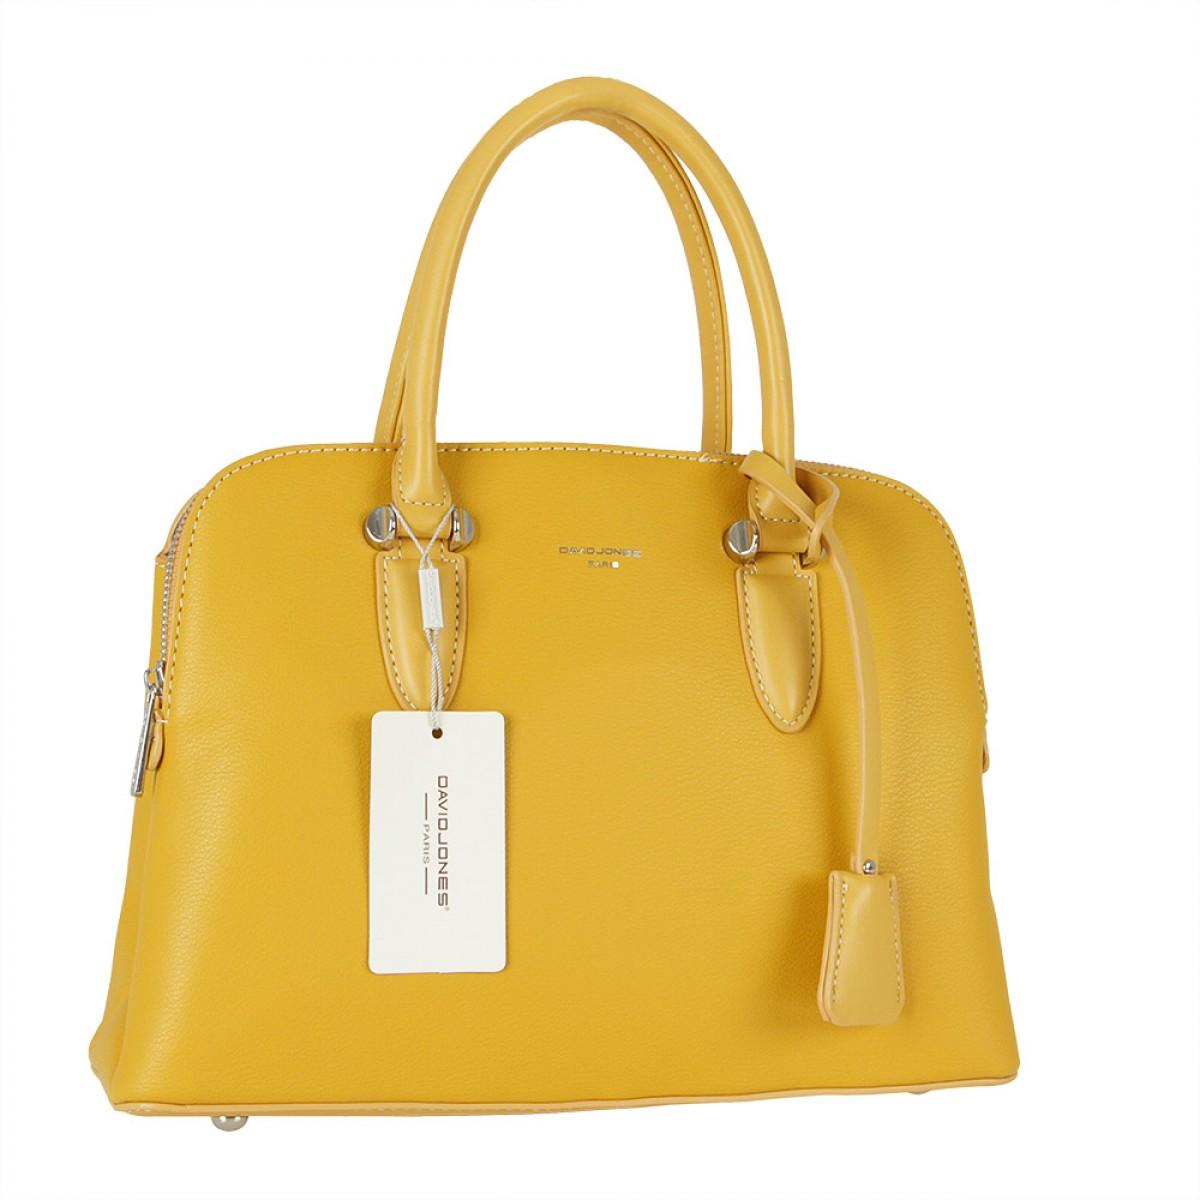 Жіноча сумка David Jones  6207-1A YELLOW